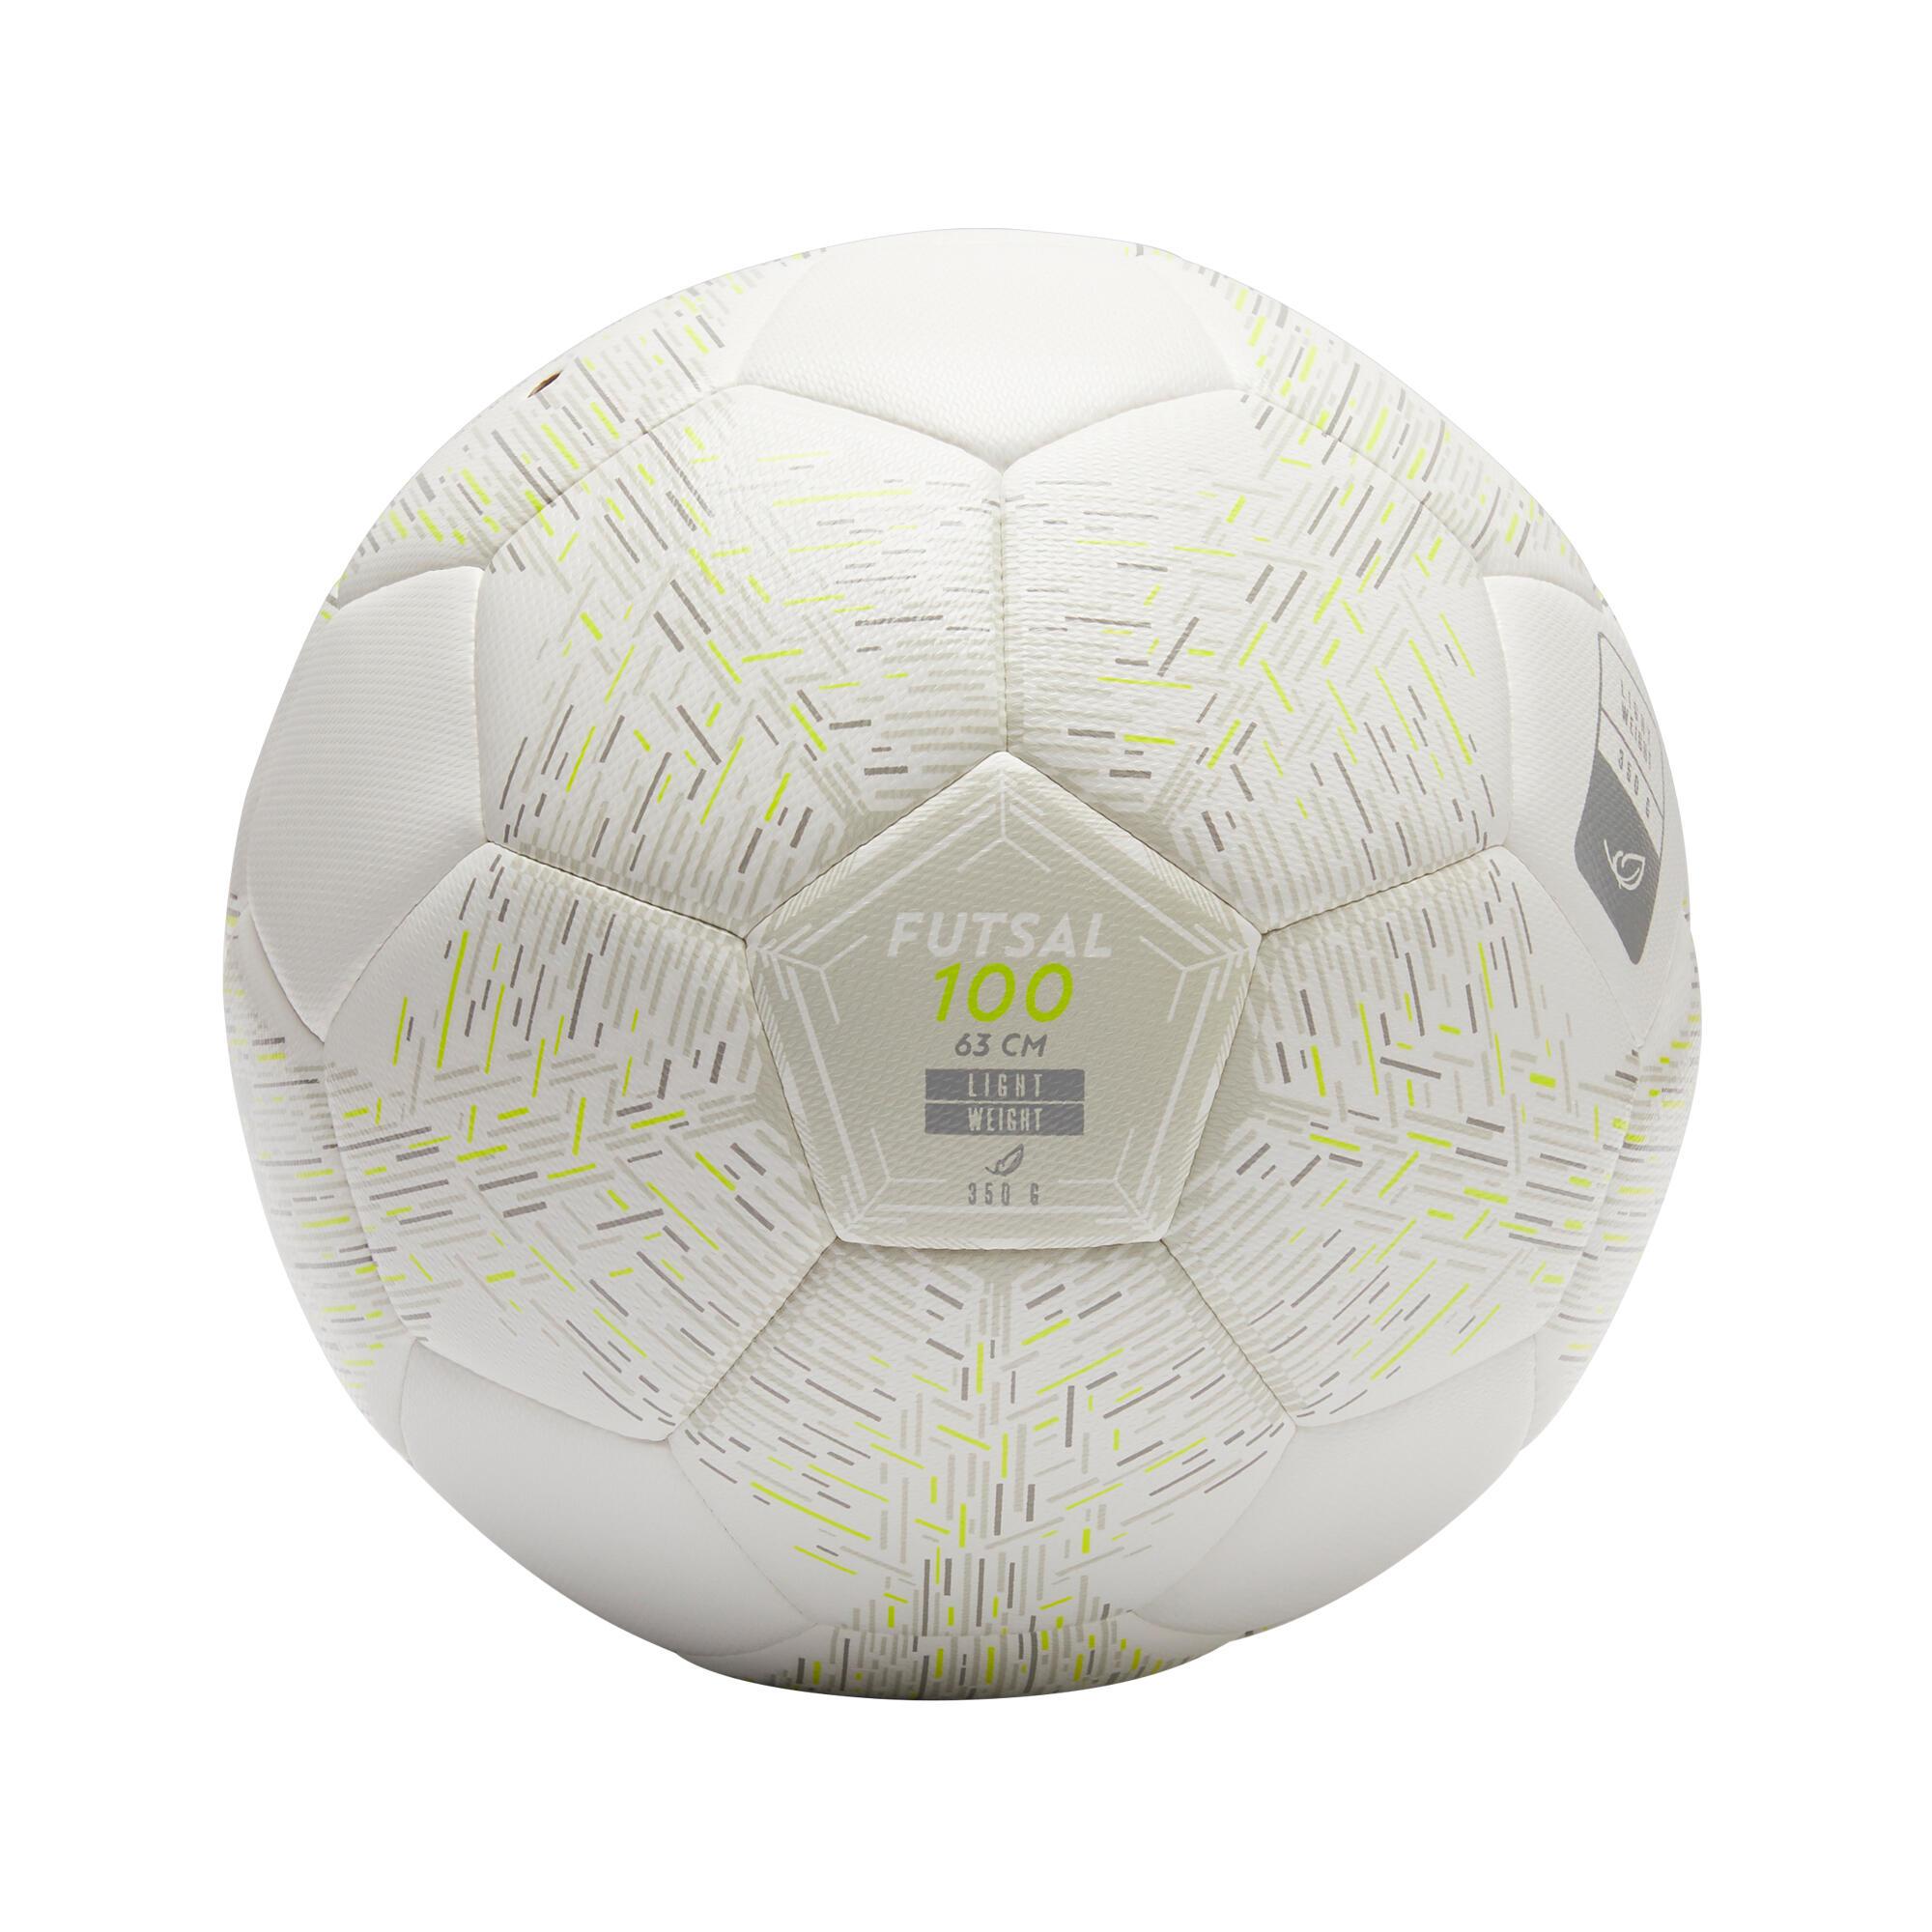 Minge Futsal 100 Light Alb